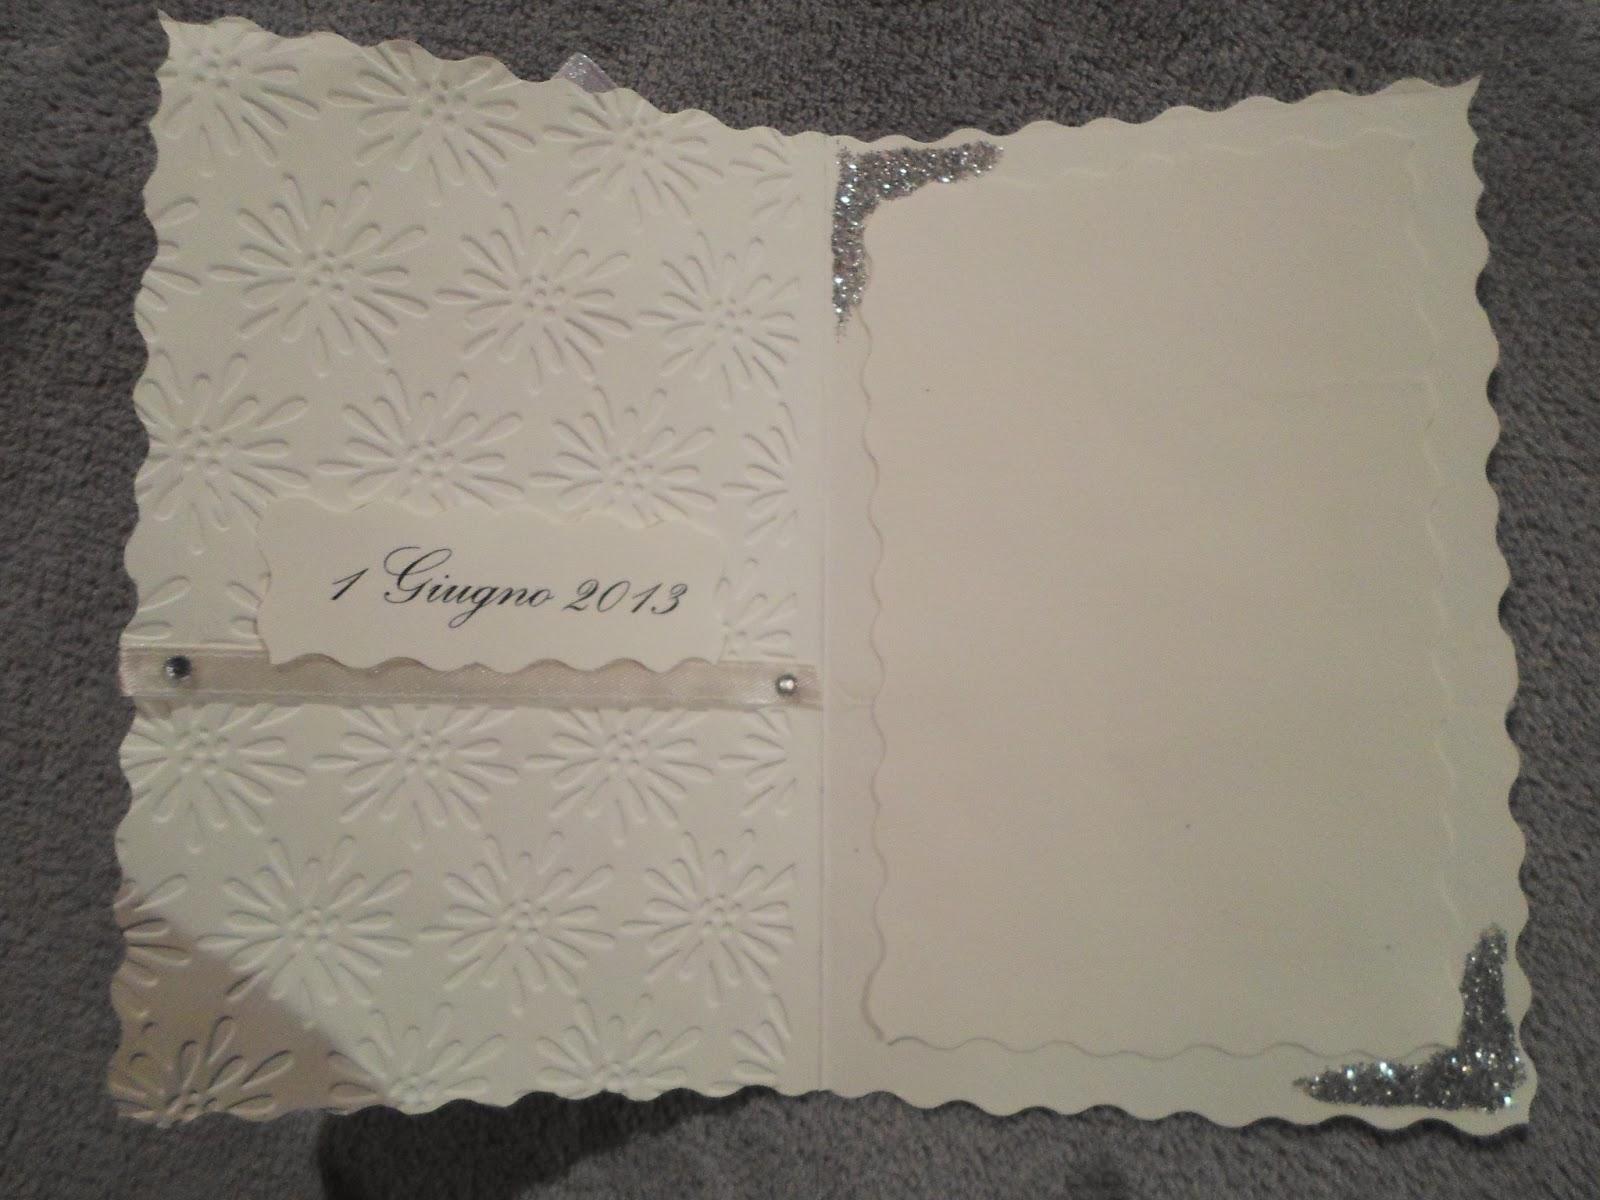 Matrimonio Auguri O Congratulazioni : Preziose raffinatezze biglietti auguri matrimonio fai da te